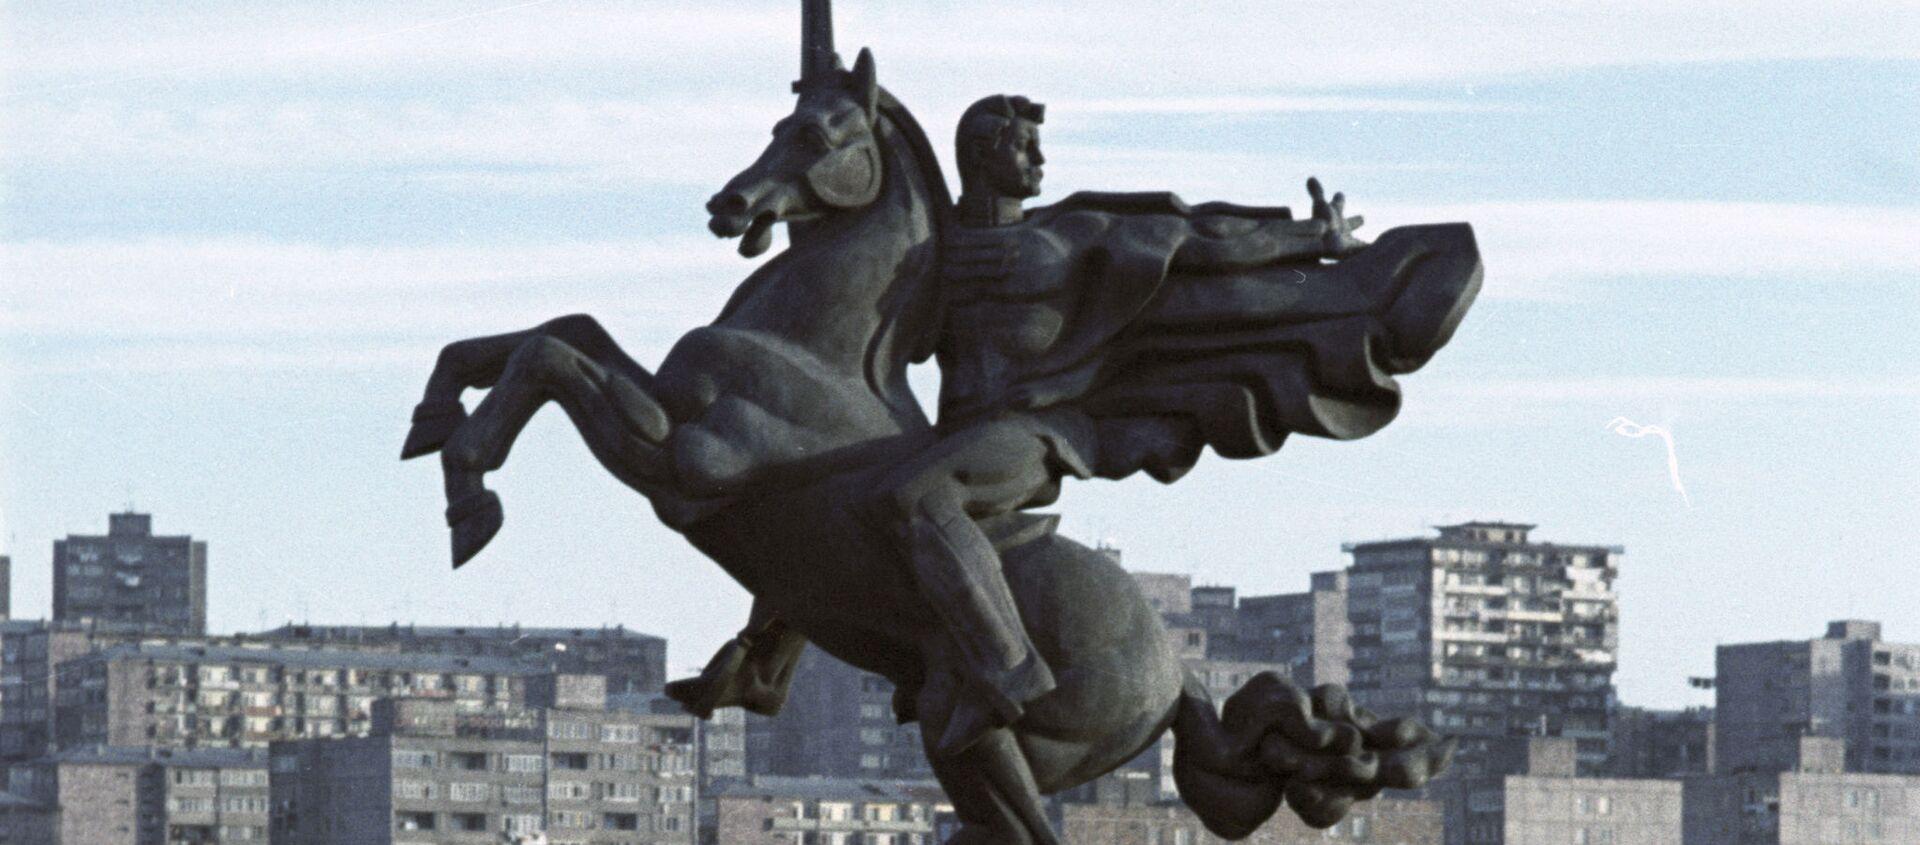 Памятник Гаю Бжишкянцу, Ереван - Sputnik Արմենիա, 1920, 29.03.2021